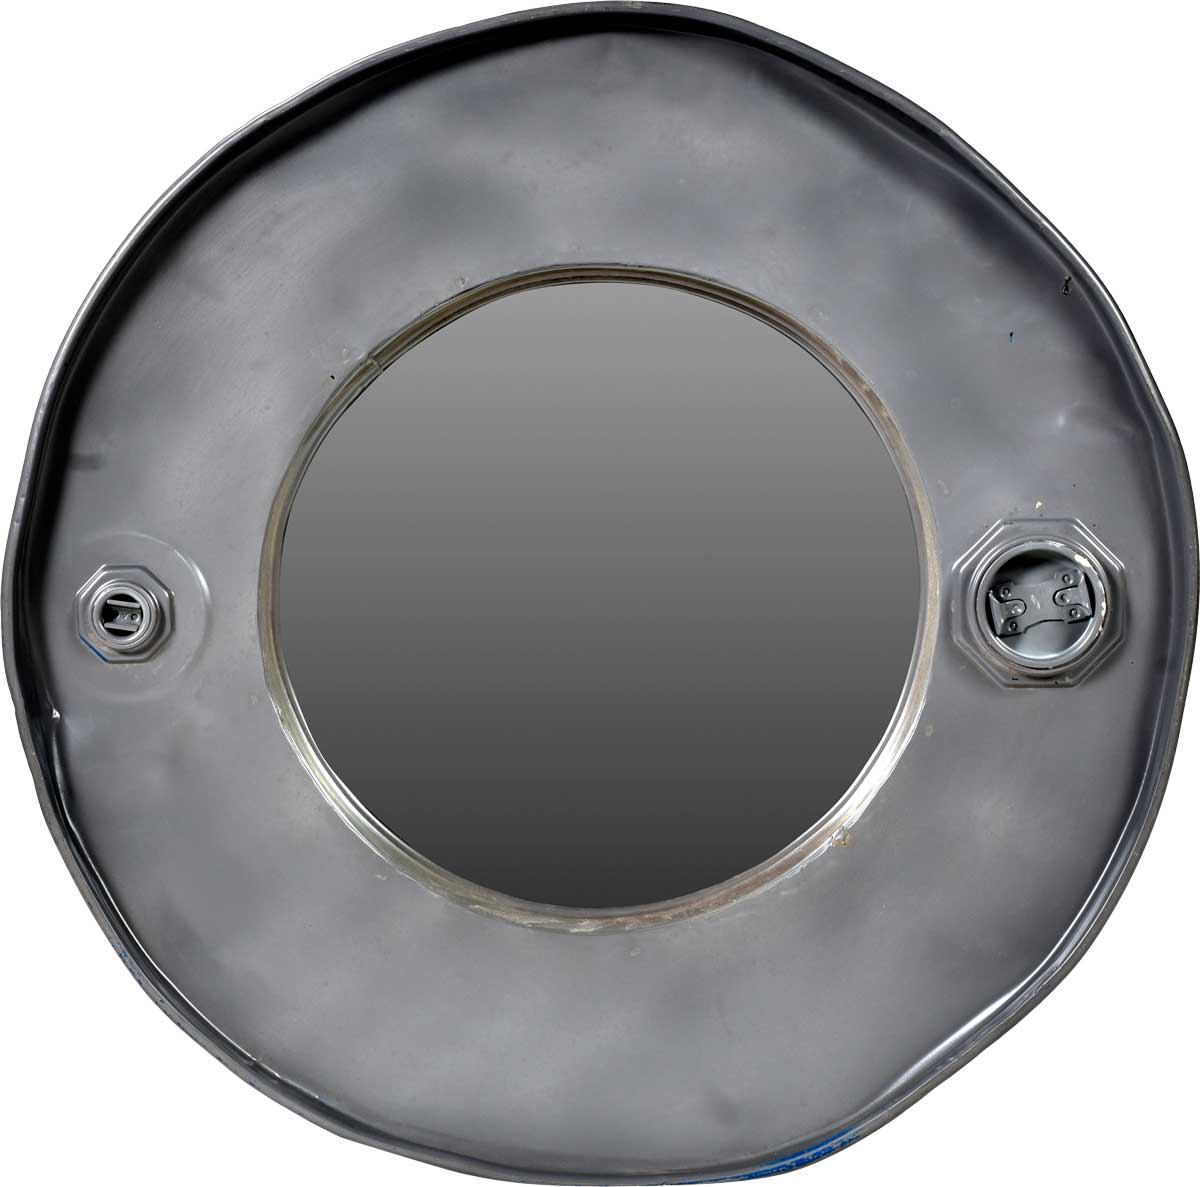 TRADEMARK LIVING vgspejl - spejglas, m. bred jernramme, rund ( 59)